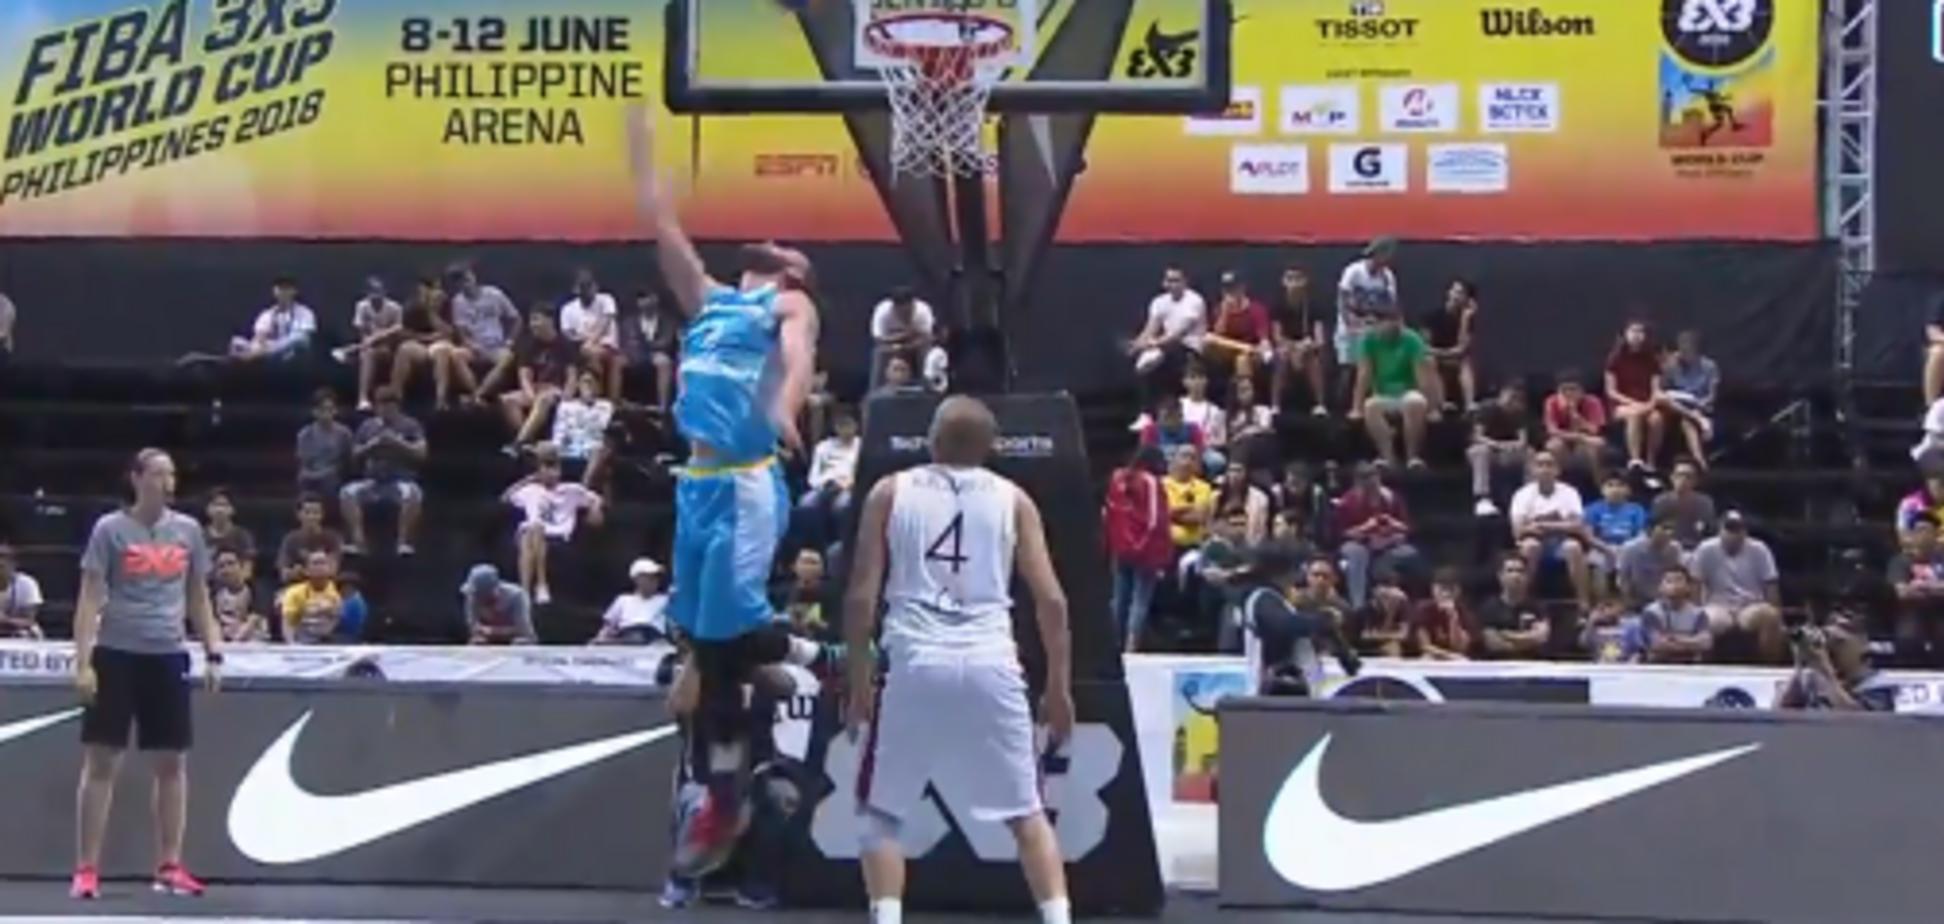 Українці драматично стартували на КМ з баскетболу 3х3